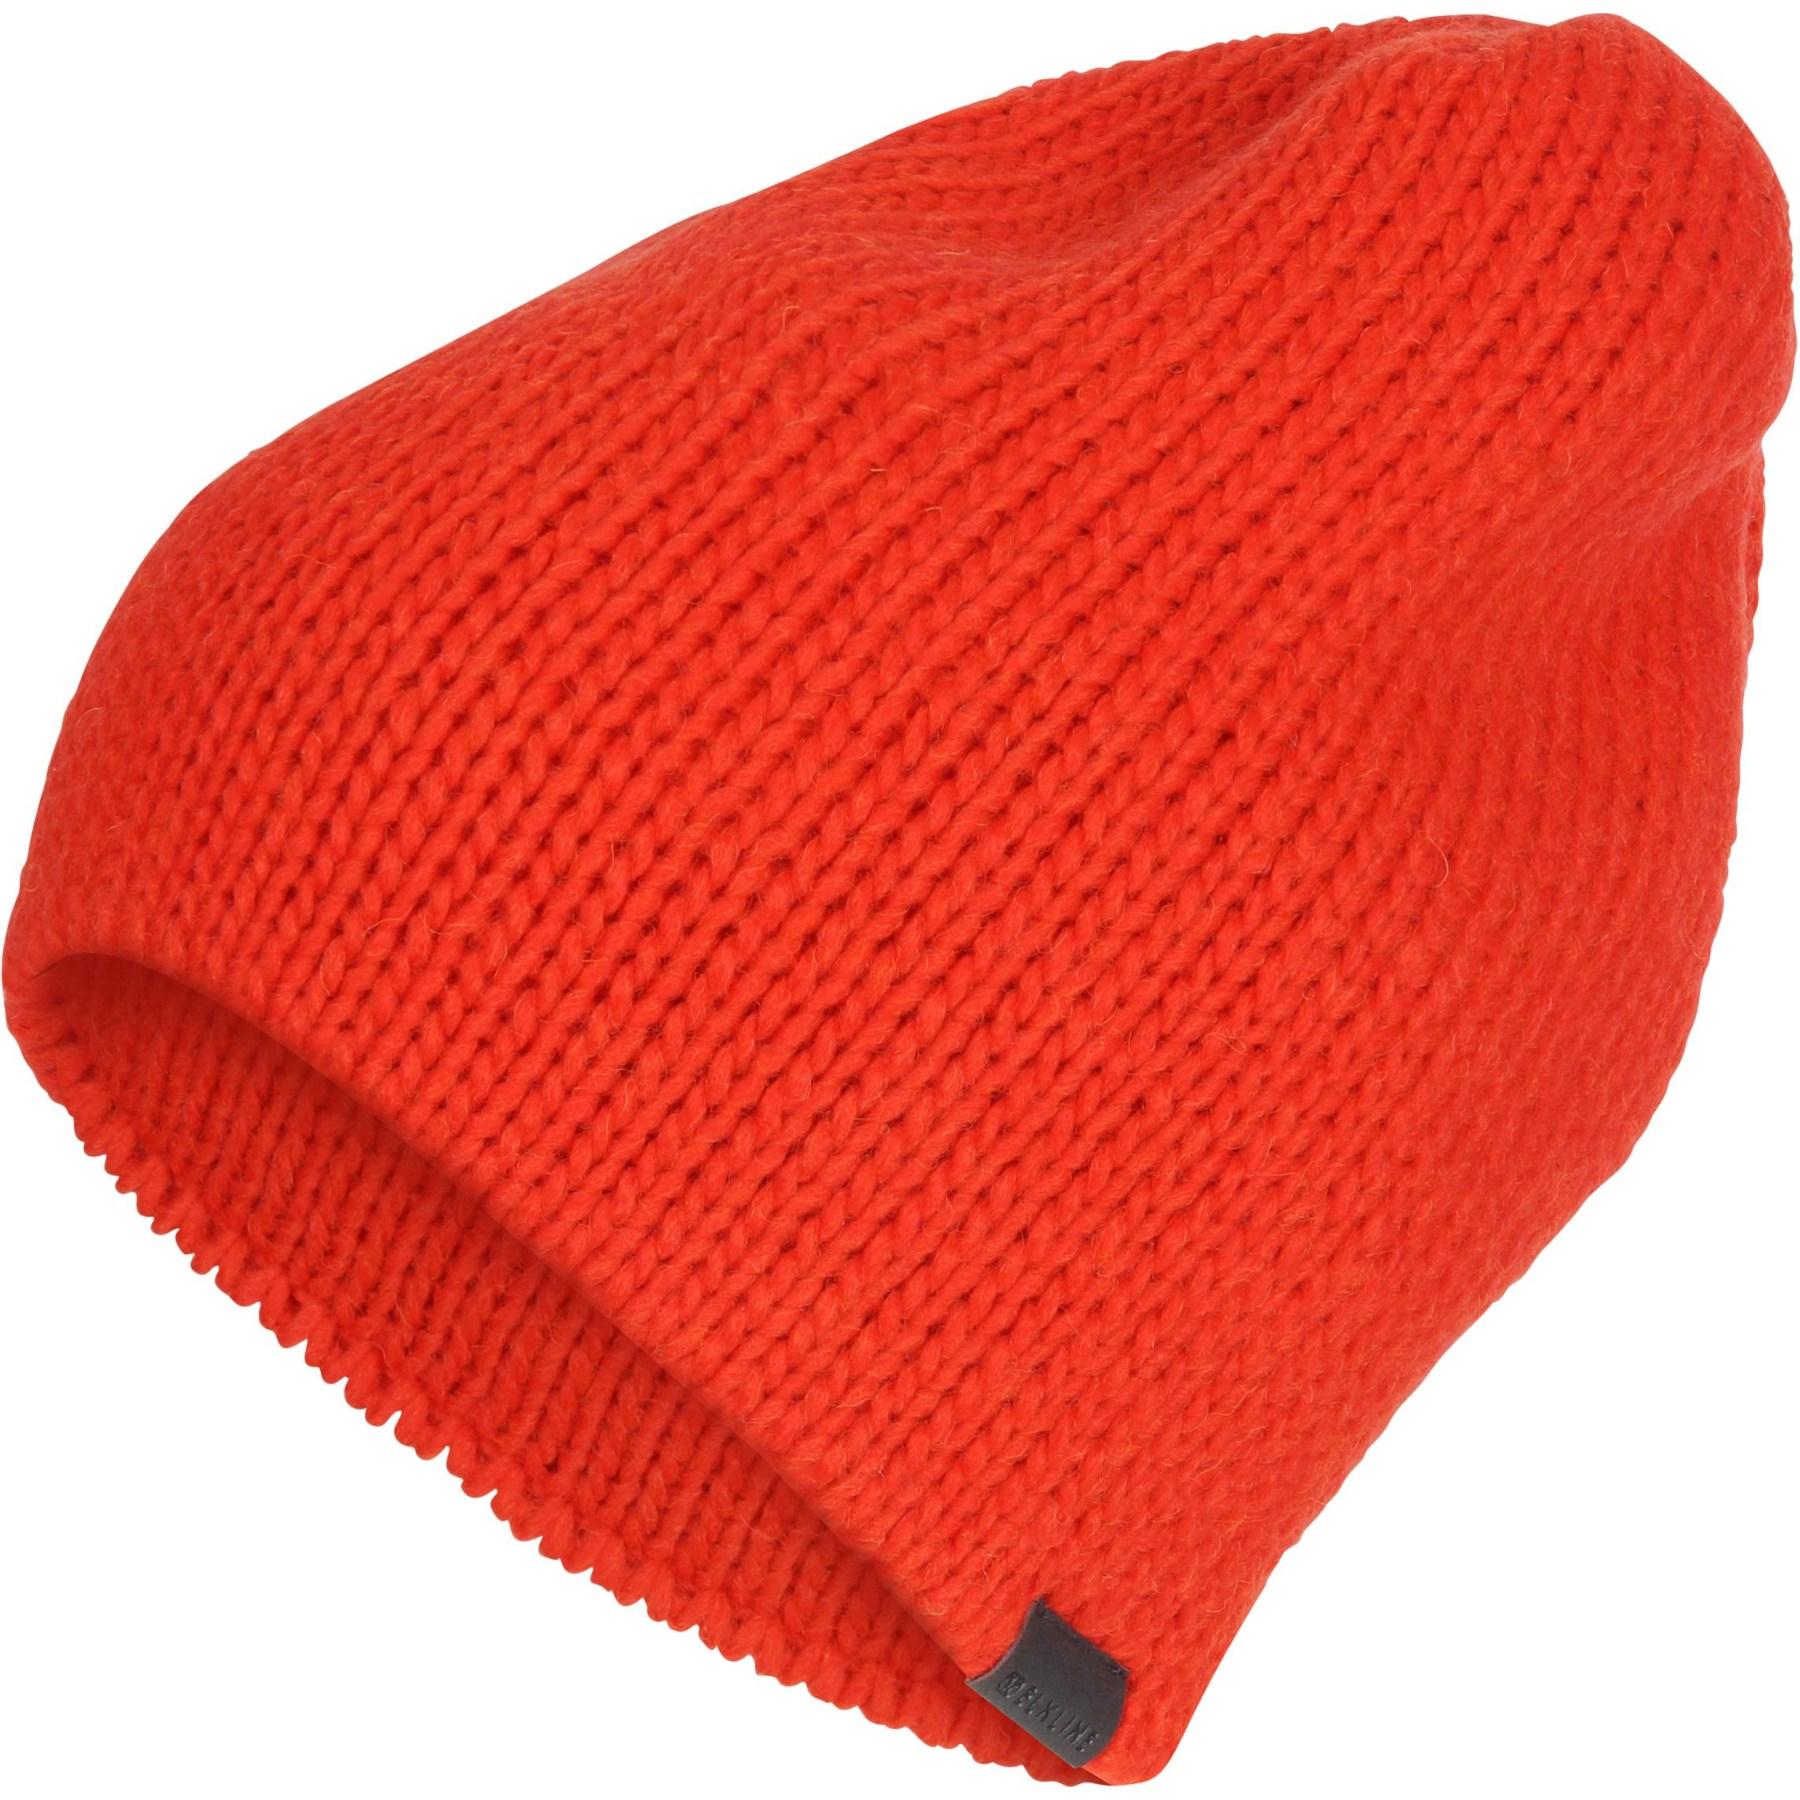 Elkline DREW Womens Hat - orange